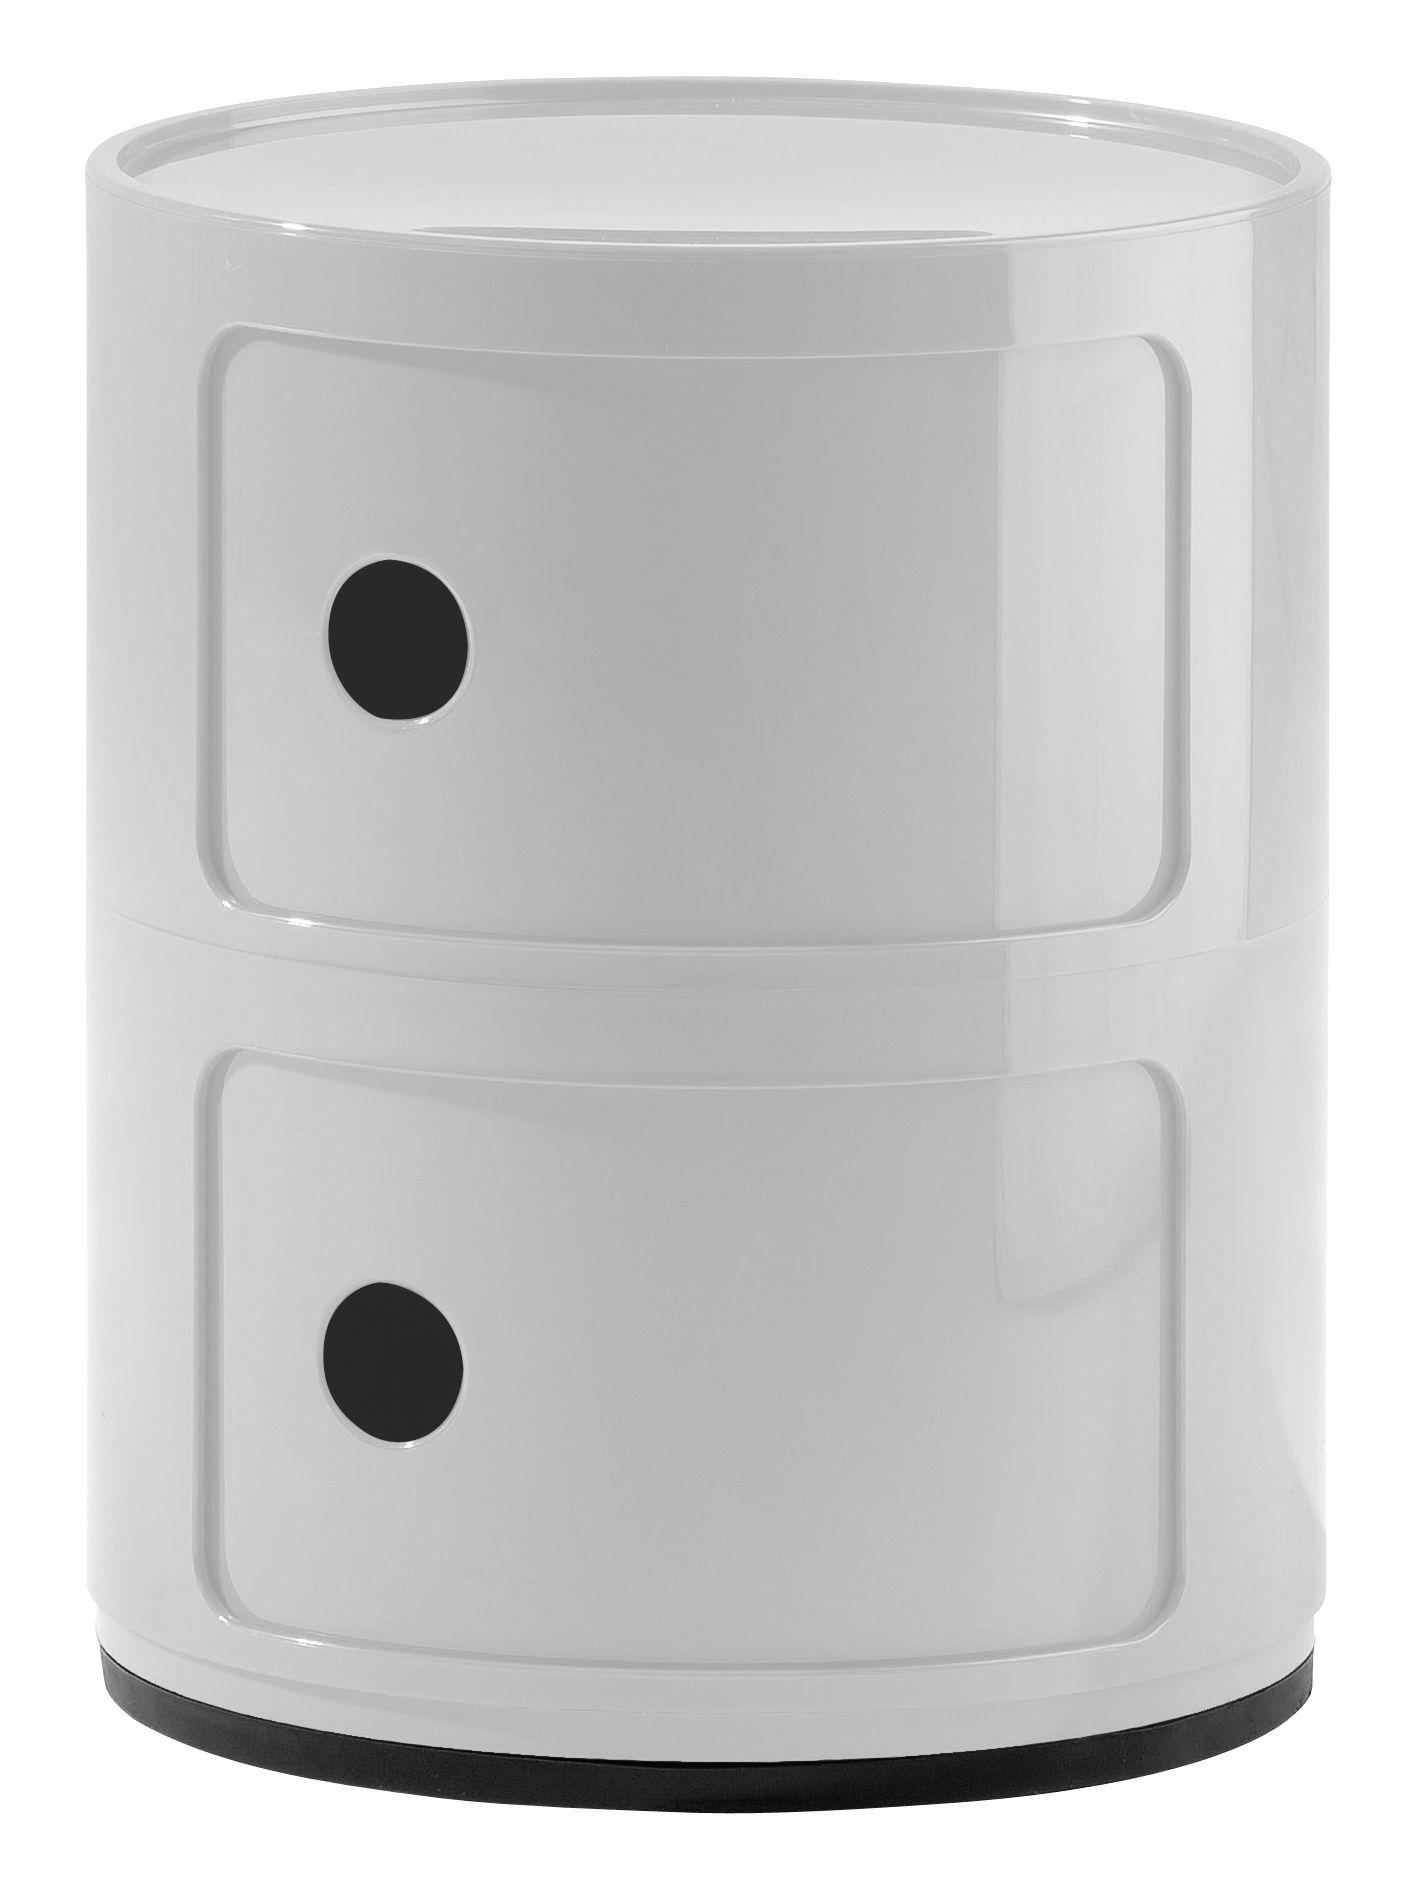 Möbel - Möbel für Teens - Componibili Ablage - Kartell - 2 Elemente - Weiß - ABS